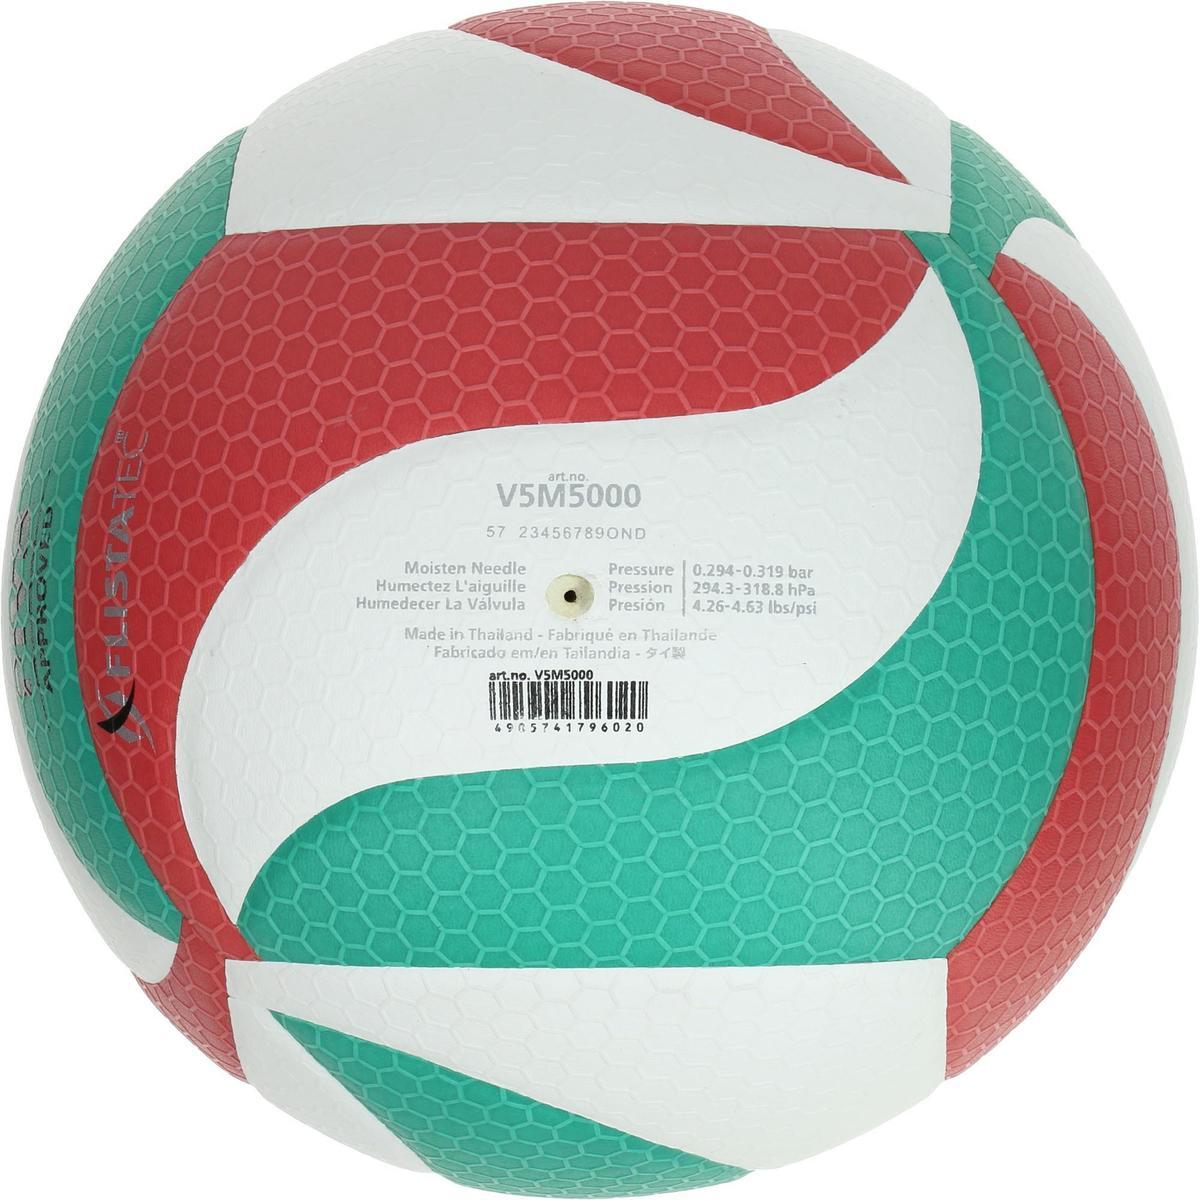 Bild 2 von Volleyball Molten 5000 Indoor grün/rot